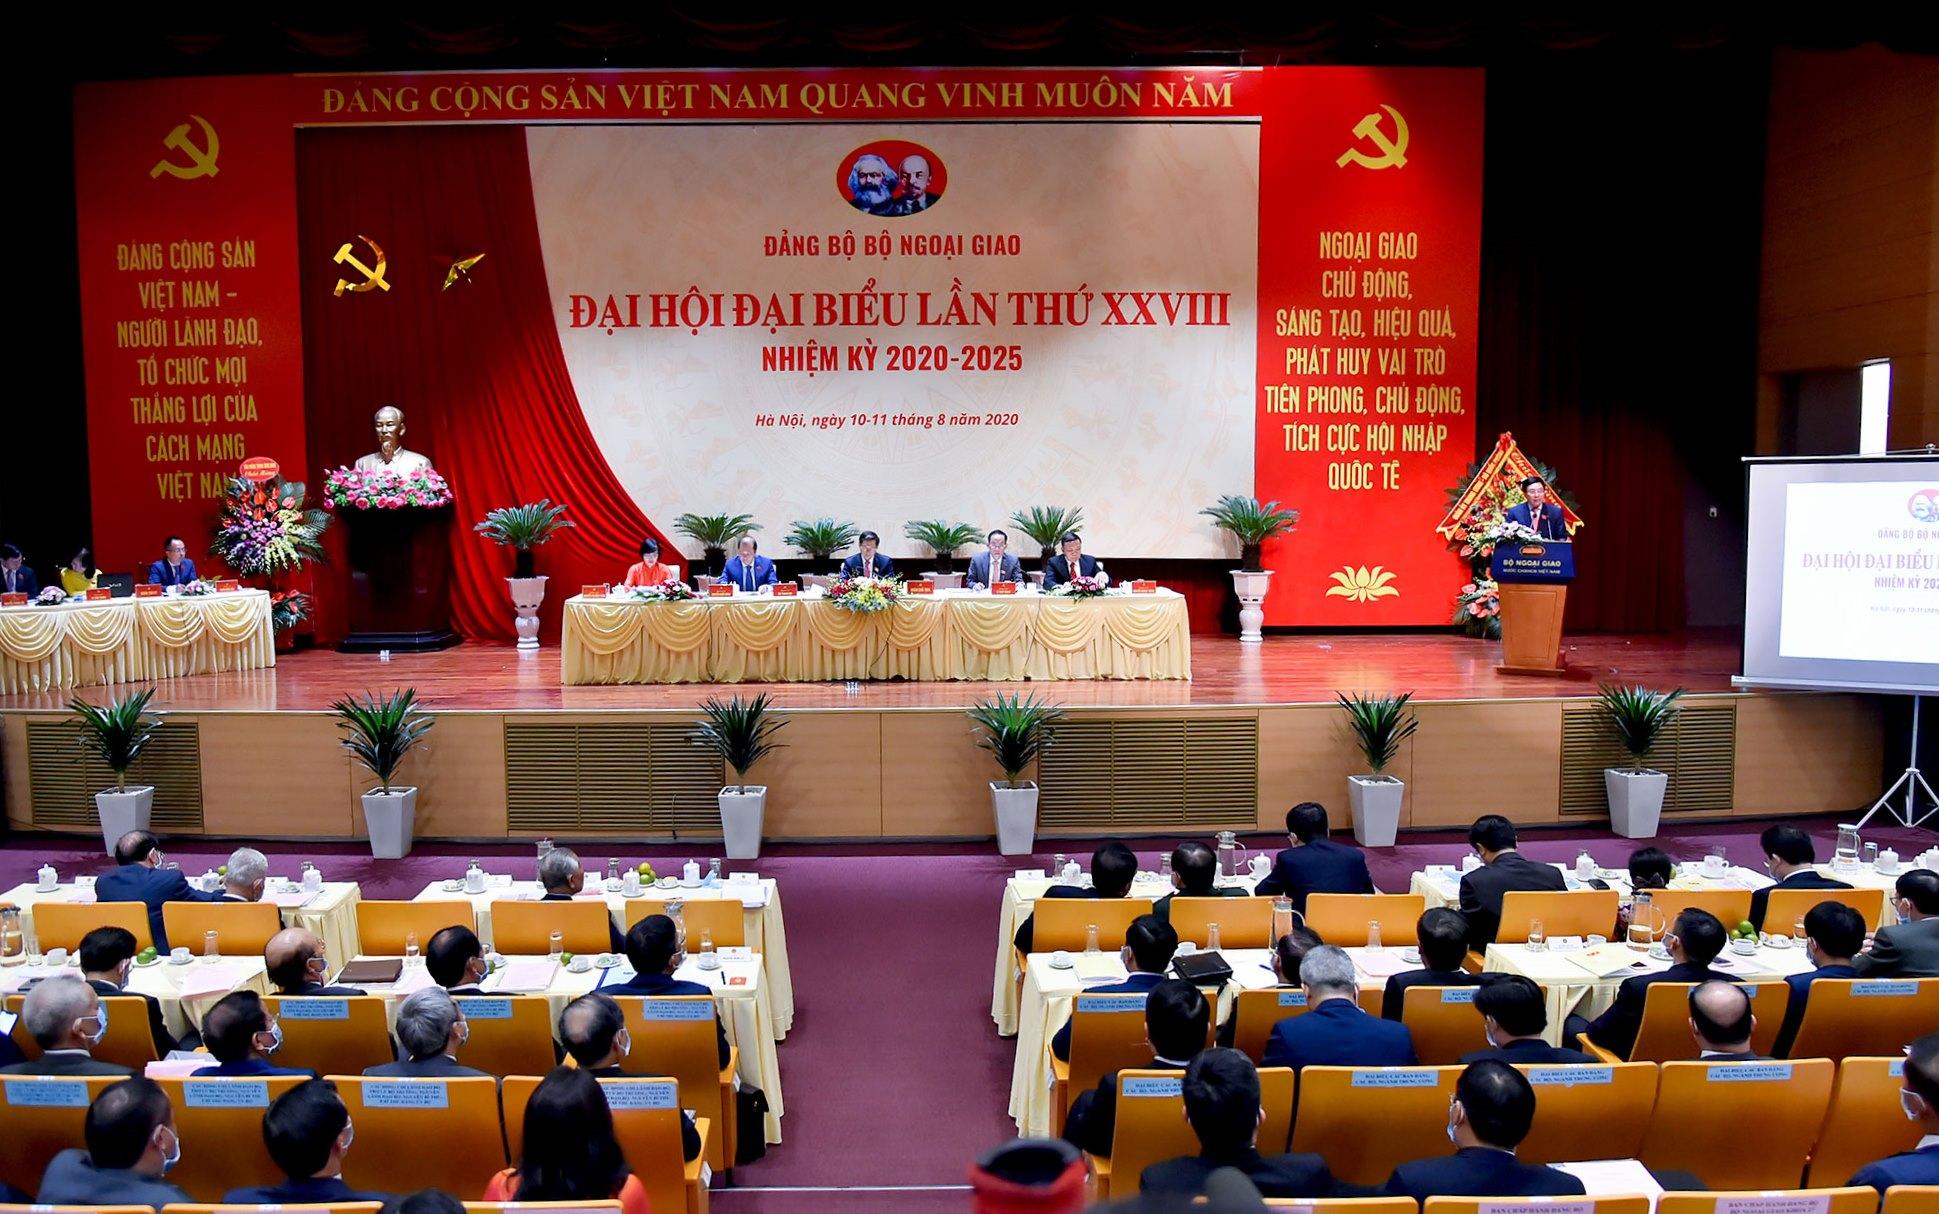 Phát huy vai trò tiên phong của đối ngoại trong việc giữ vững môi trường hòa bình, ổn định